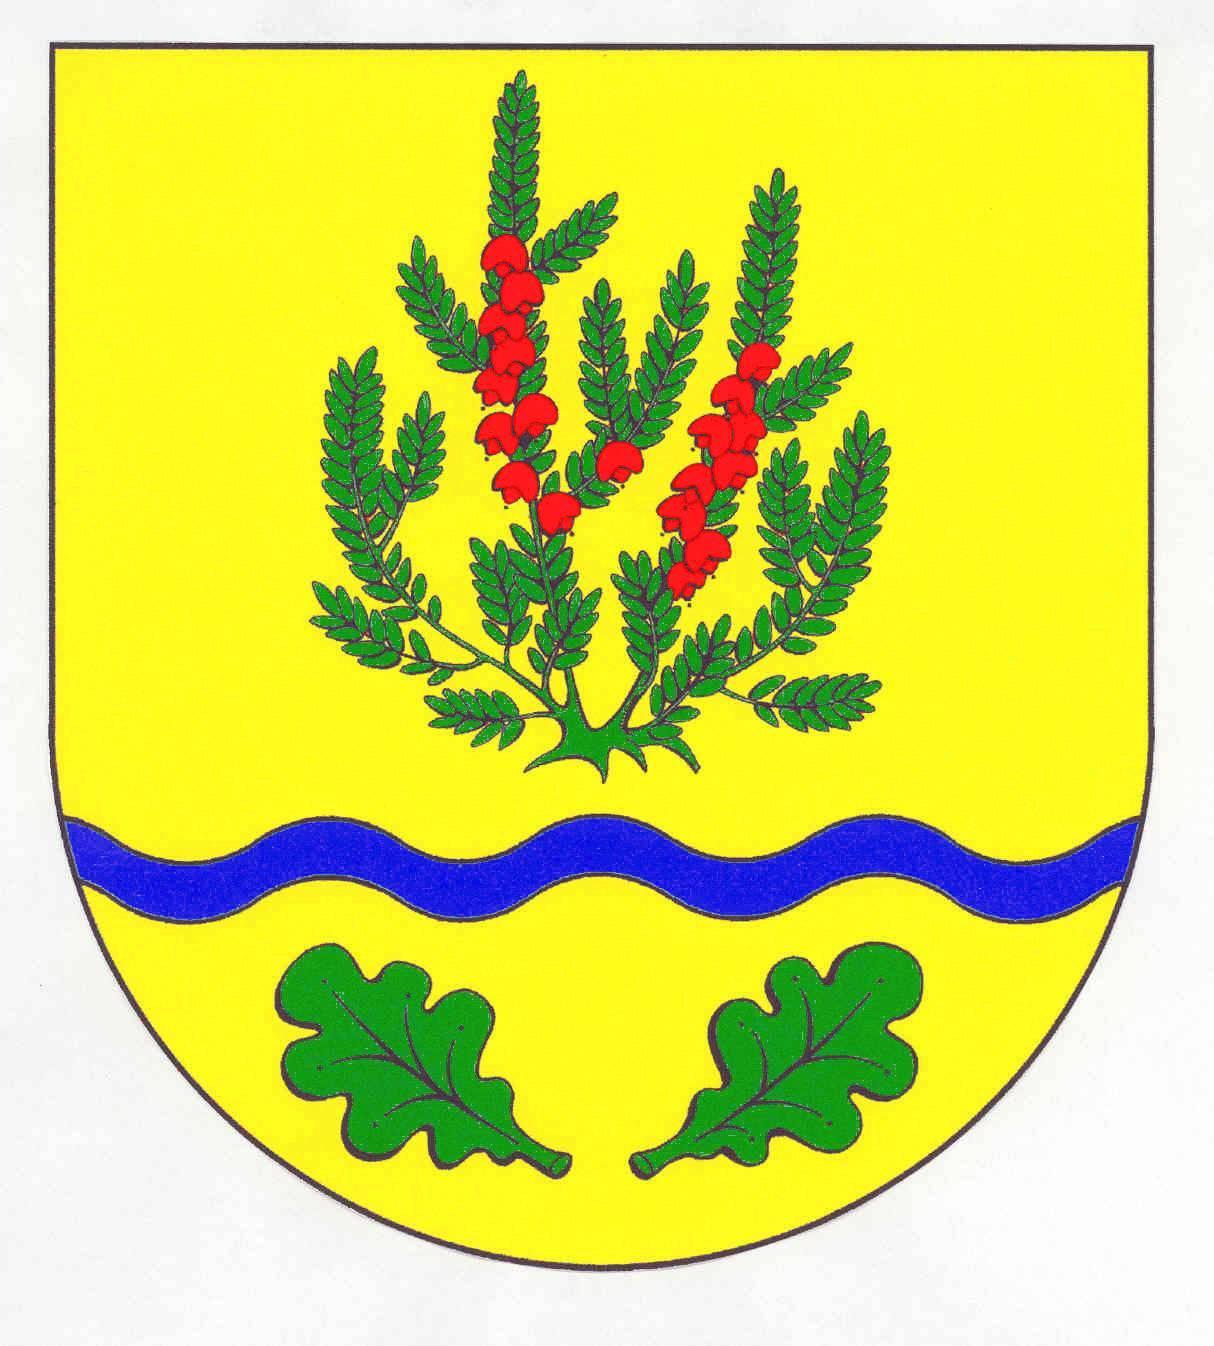 Wappen GemeindeHeede, Kreis Pinneberg